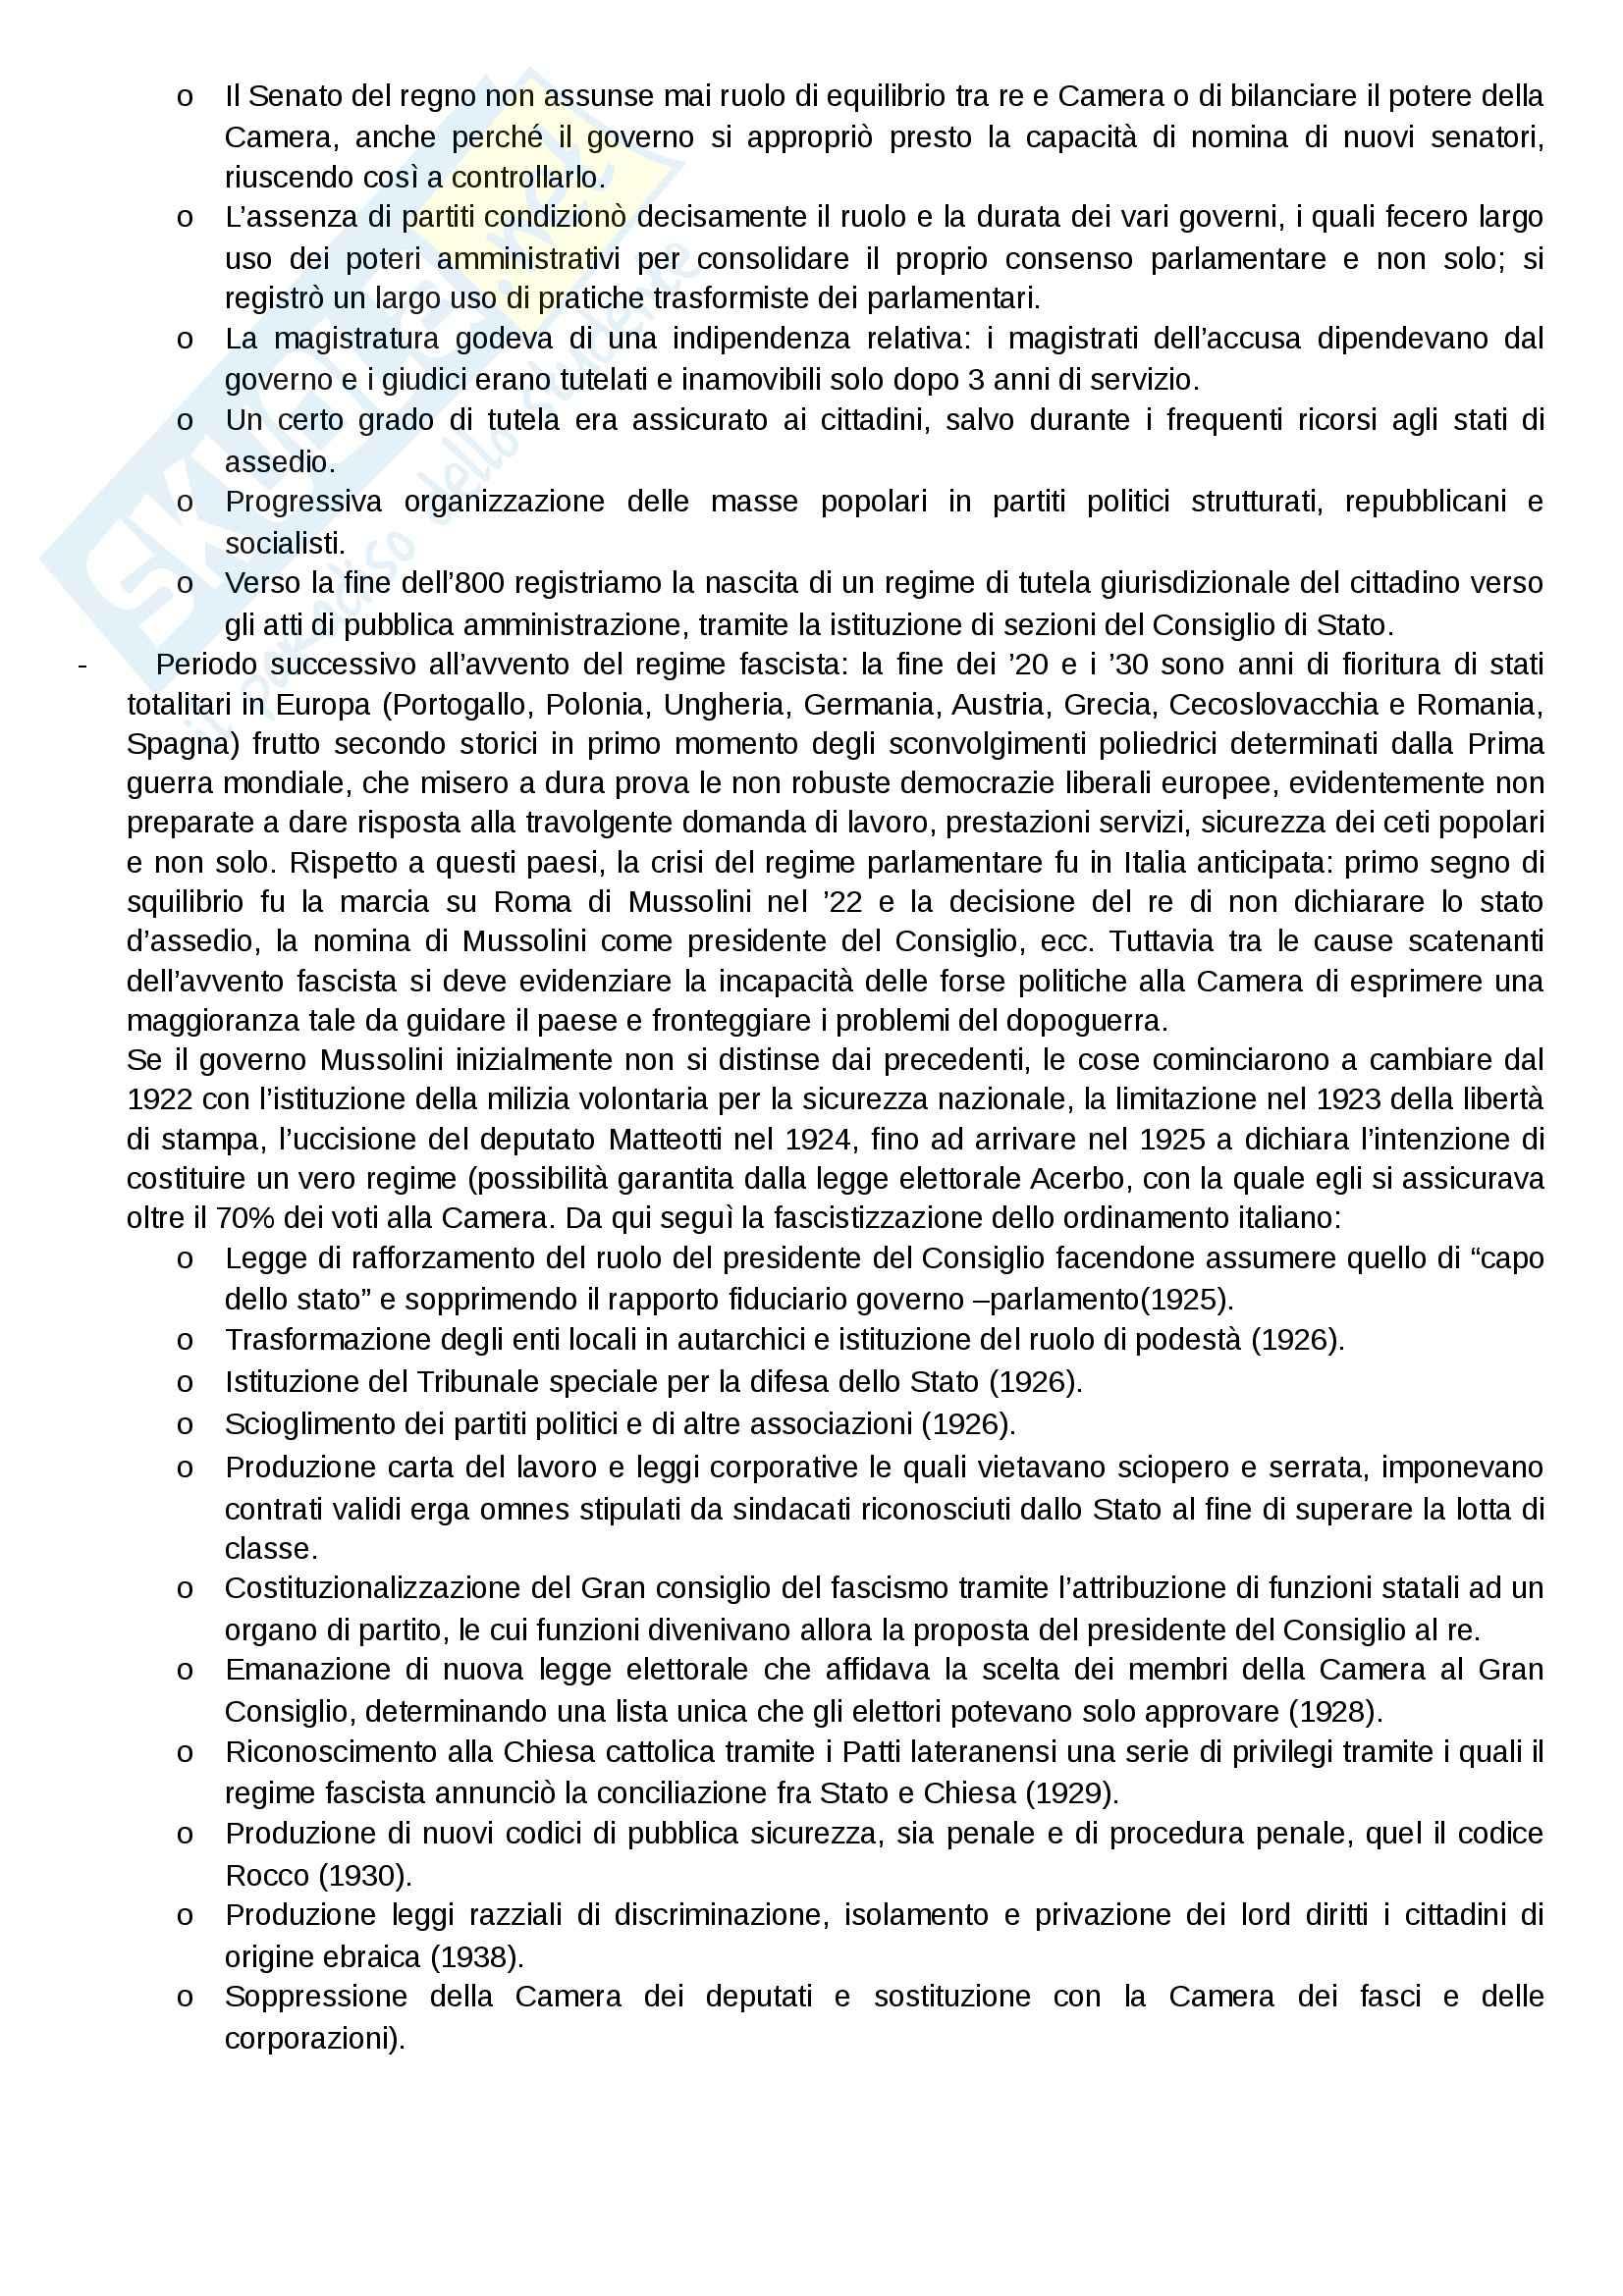 Diritto delle Istituzioni pubbliche - ordinamento italiano e sua evoluzione Pag. 2